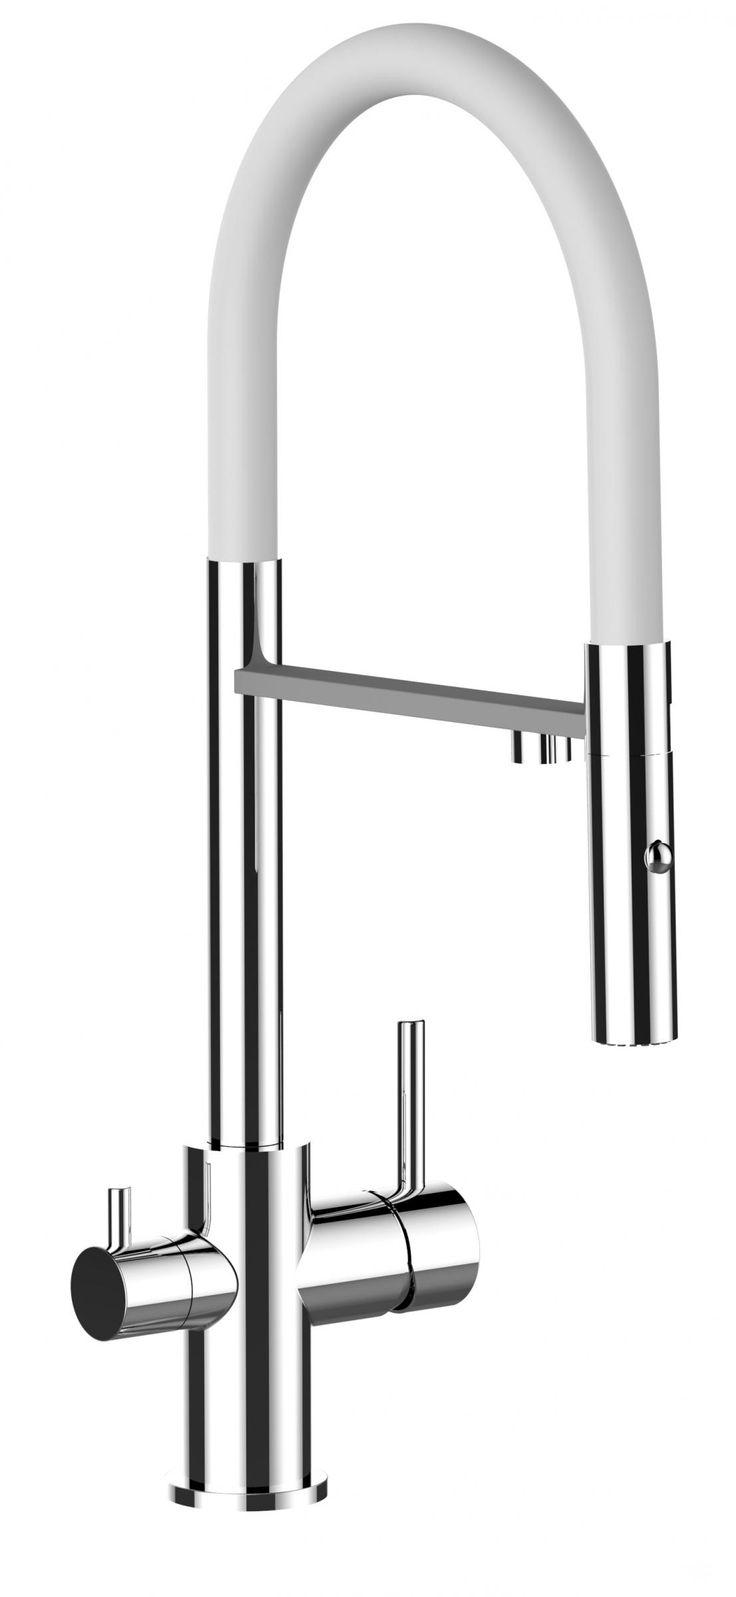 kchenarmatur-umkehr-osmose--filter--trinkwasser--trinkwasserfilter--3-wege-kchenmischer--spltischarmatur--splenmischer--wasserhahn-kche--spltischmischer--mit-handbrause--brause-abnehmbar--design--top-qualitt-direkt-vom-hersteller-.jpg 1.106×2.400 Pixel